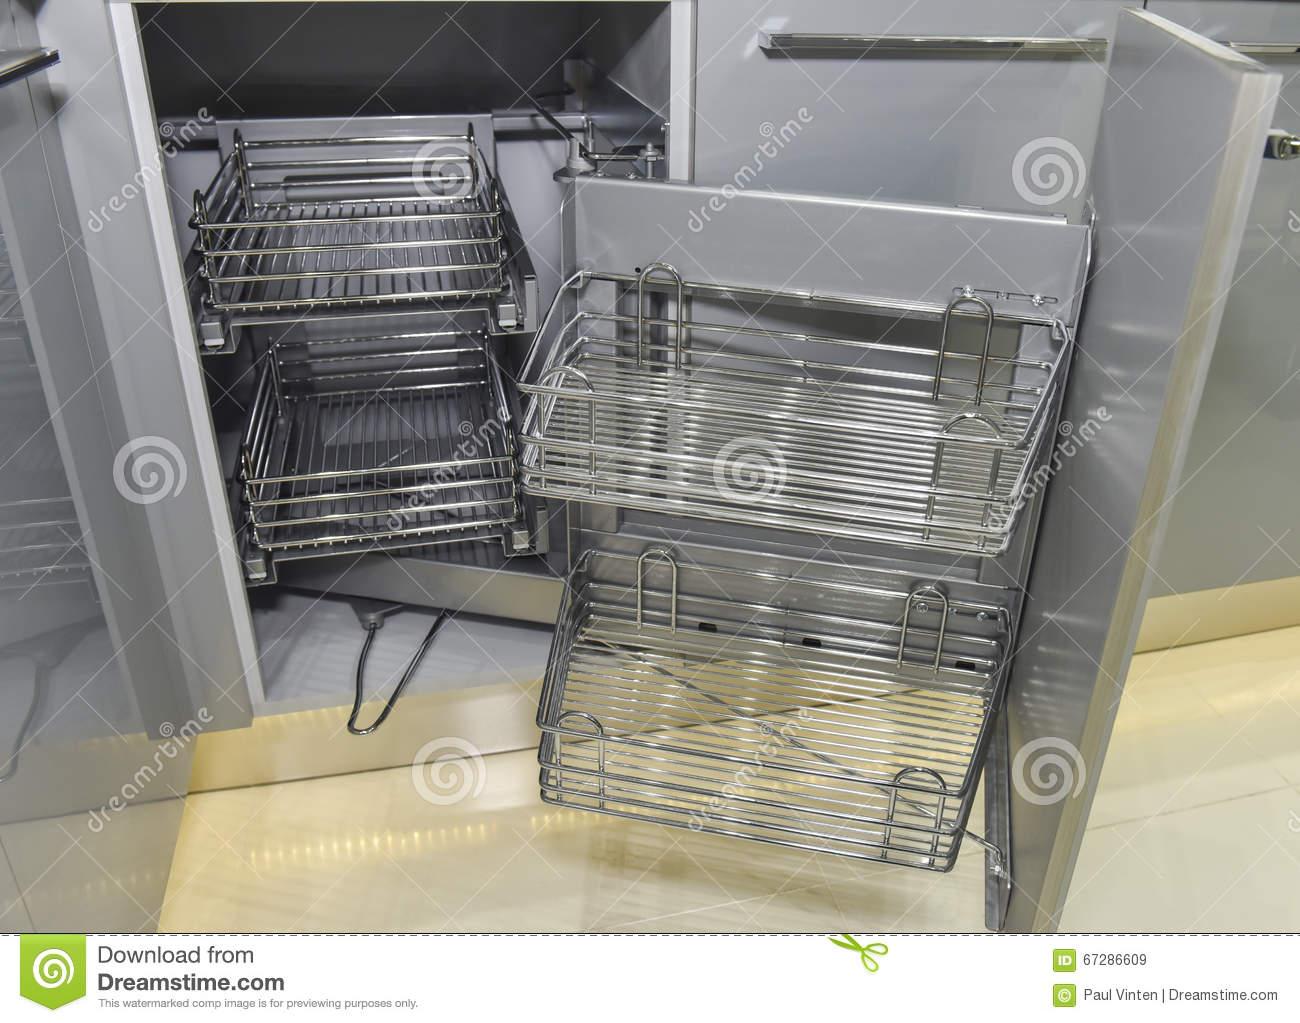 Full Size of Eckschränke Küche Industrie Single Unterschränke Laminat Für Aluminium Verbundplatte Waschbecken Singleküche Amerikanische Kaufen Selber Planen Outdoor Wohnzimmer Eckschränke Küche